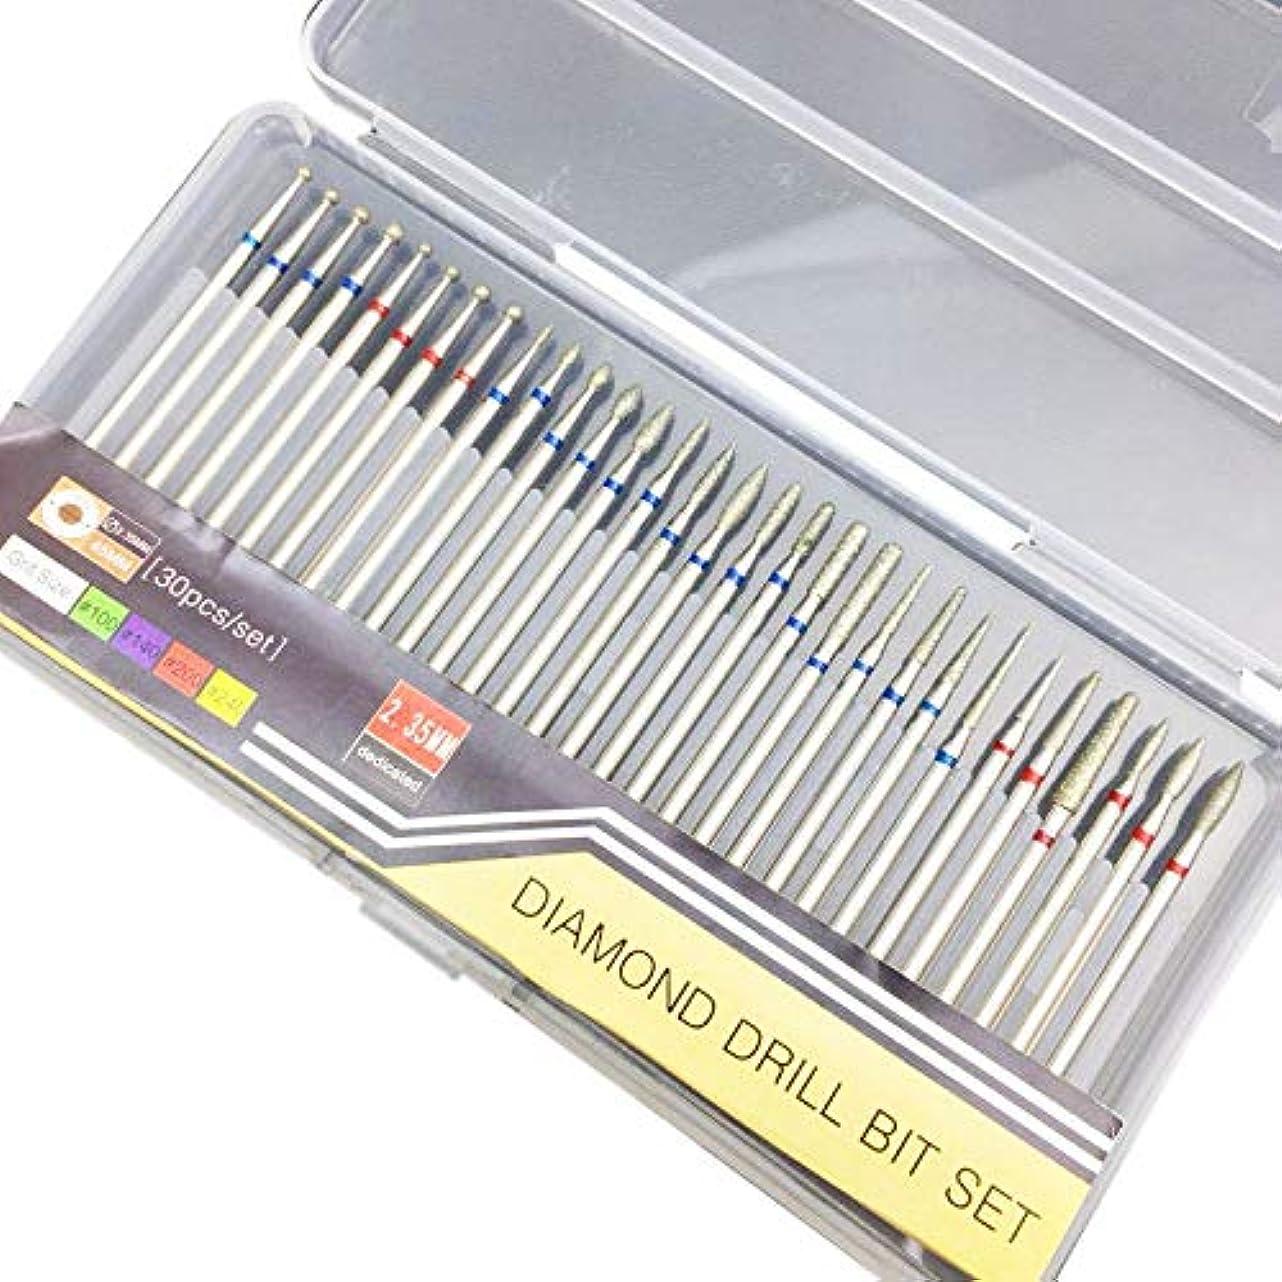 見えないいっぱい意欲CUHAWUDBA 30個 電動マニキュア機用 アクセサリーセクションダイヤモンドネイルドリルビットセットフライスカッターロータリーバリカッタークリーンファイルB